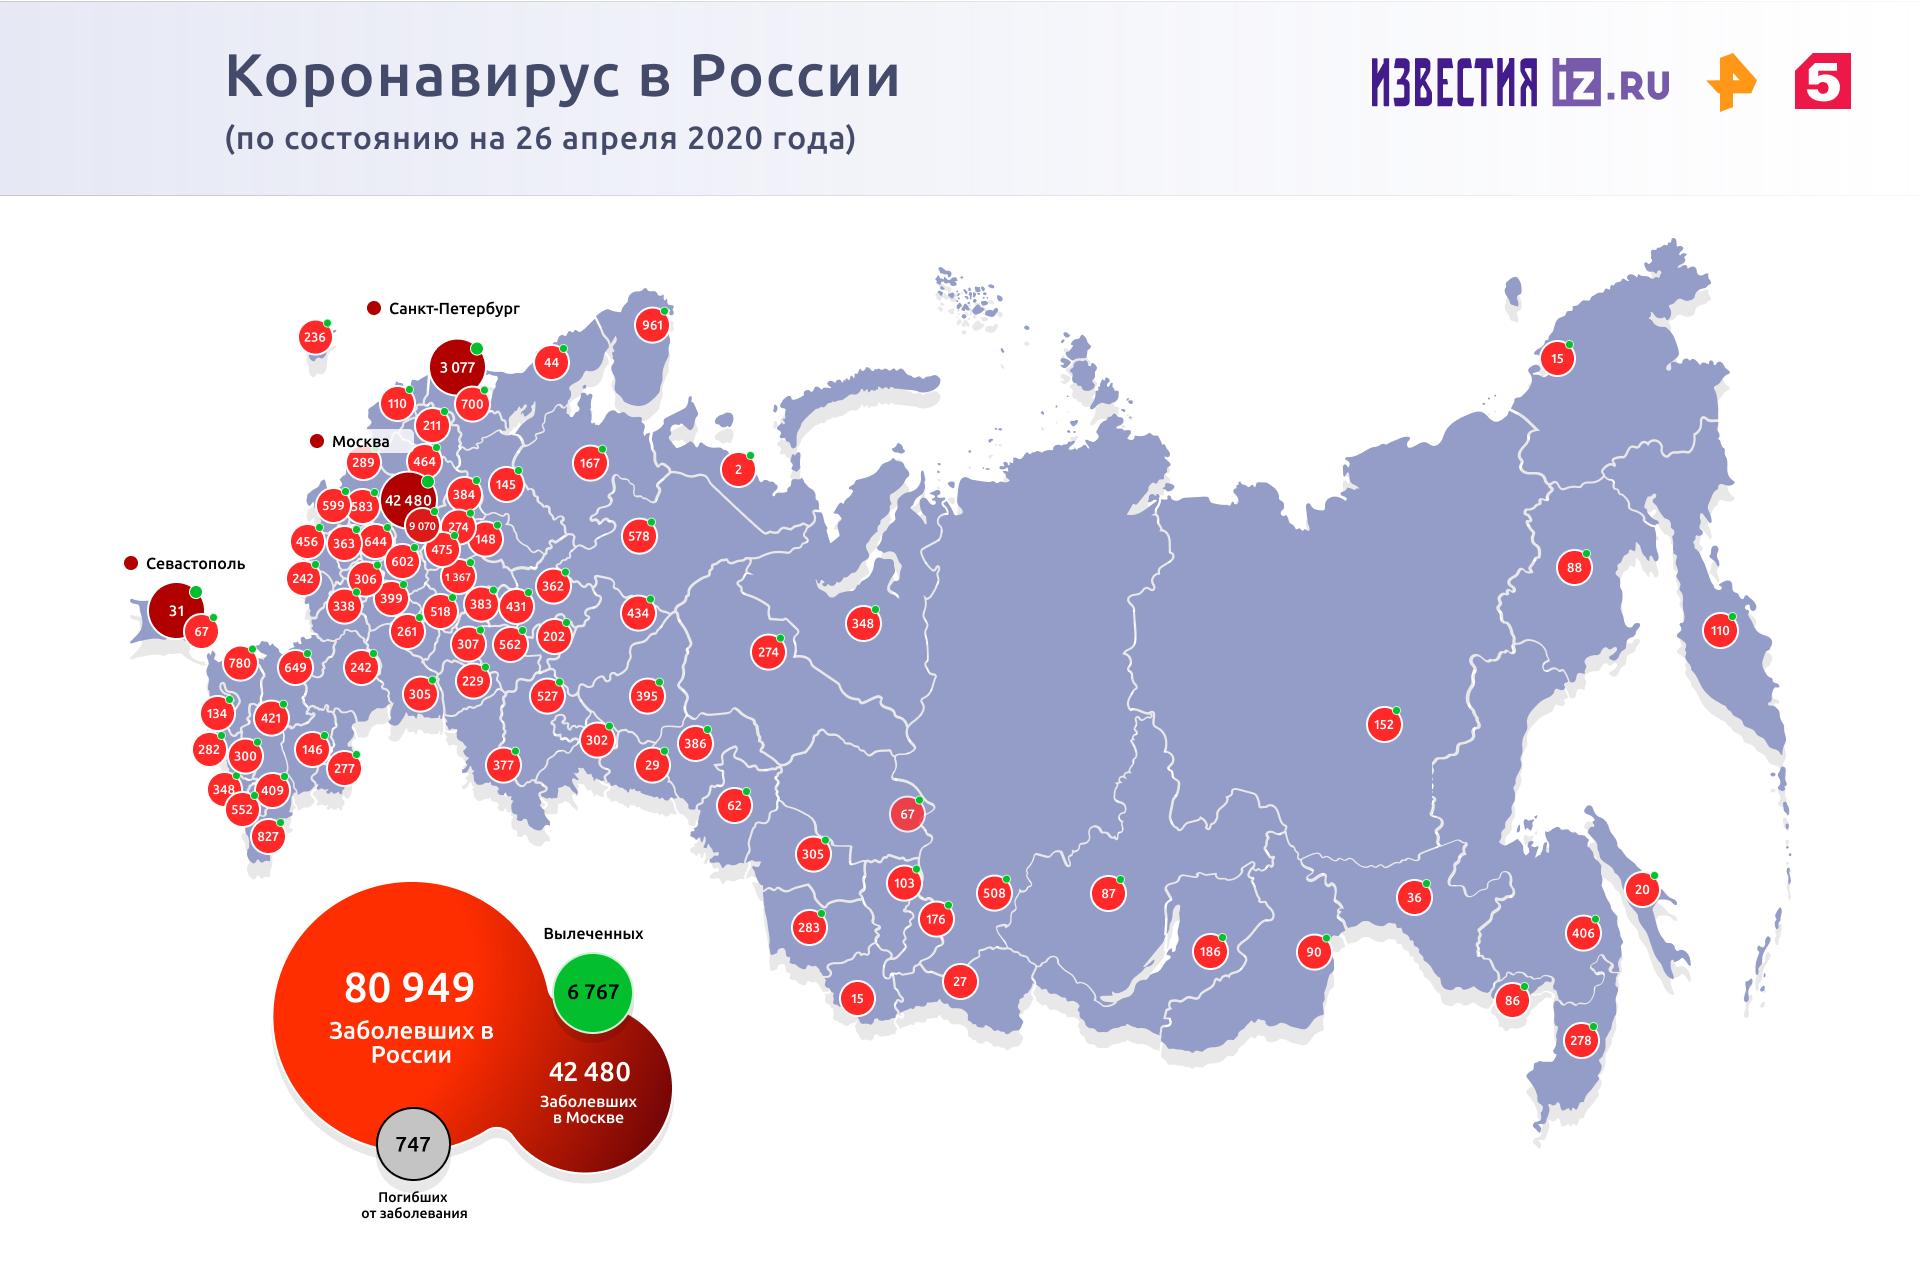 Численность безработных в России может вырасти в шесть раз